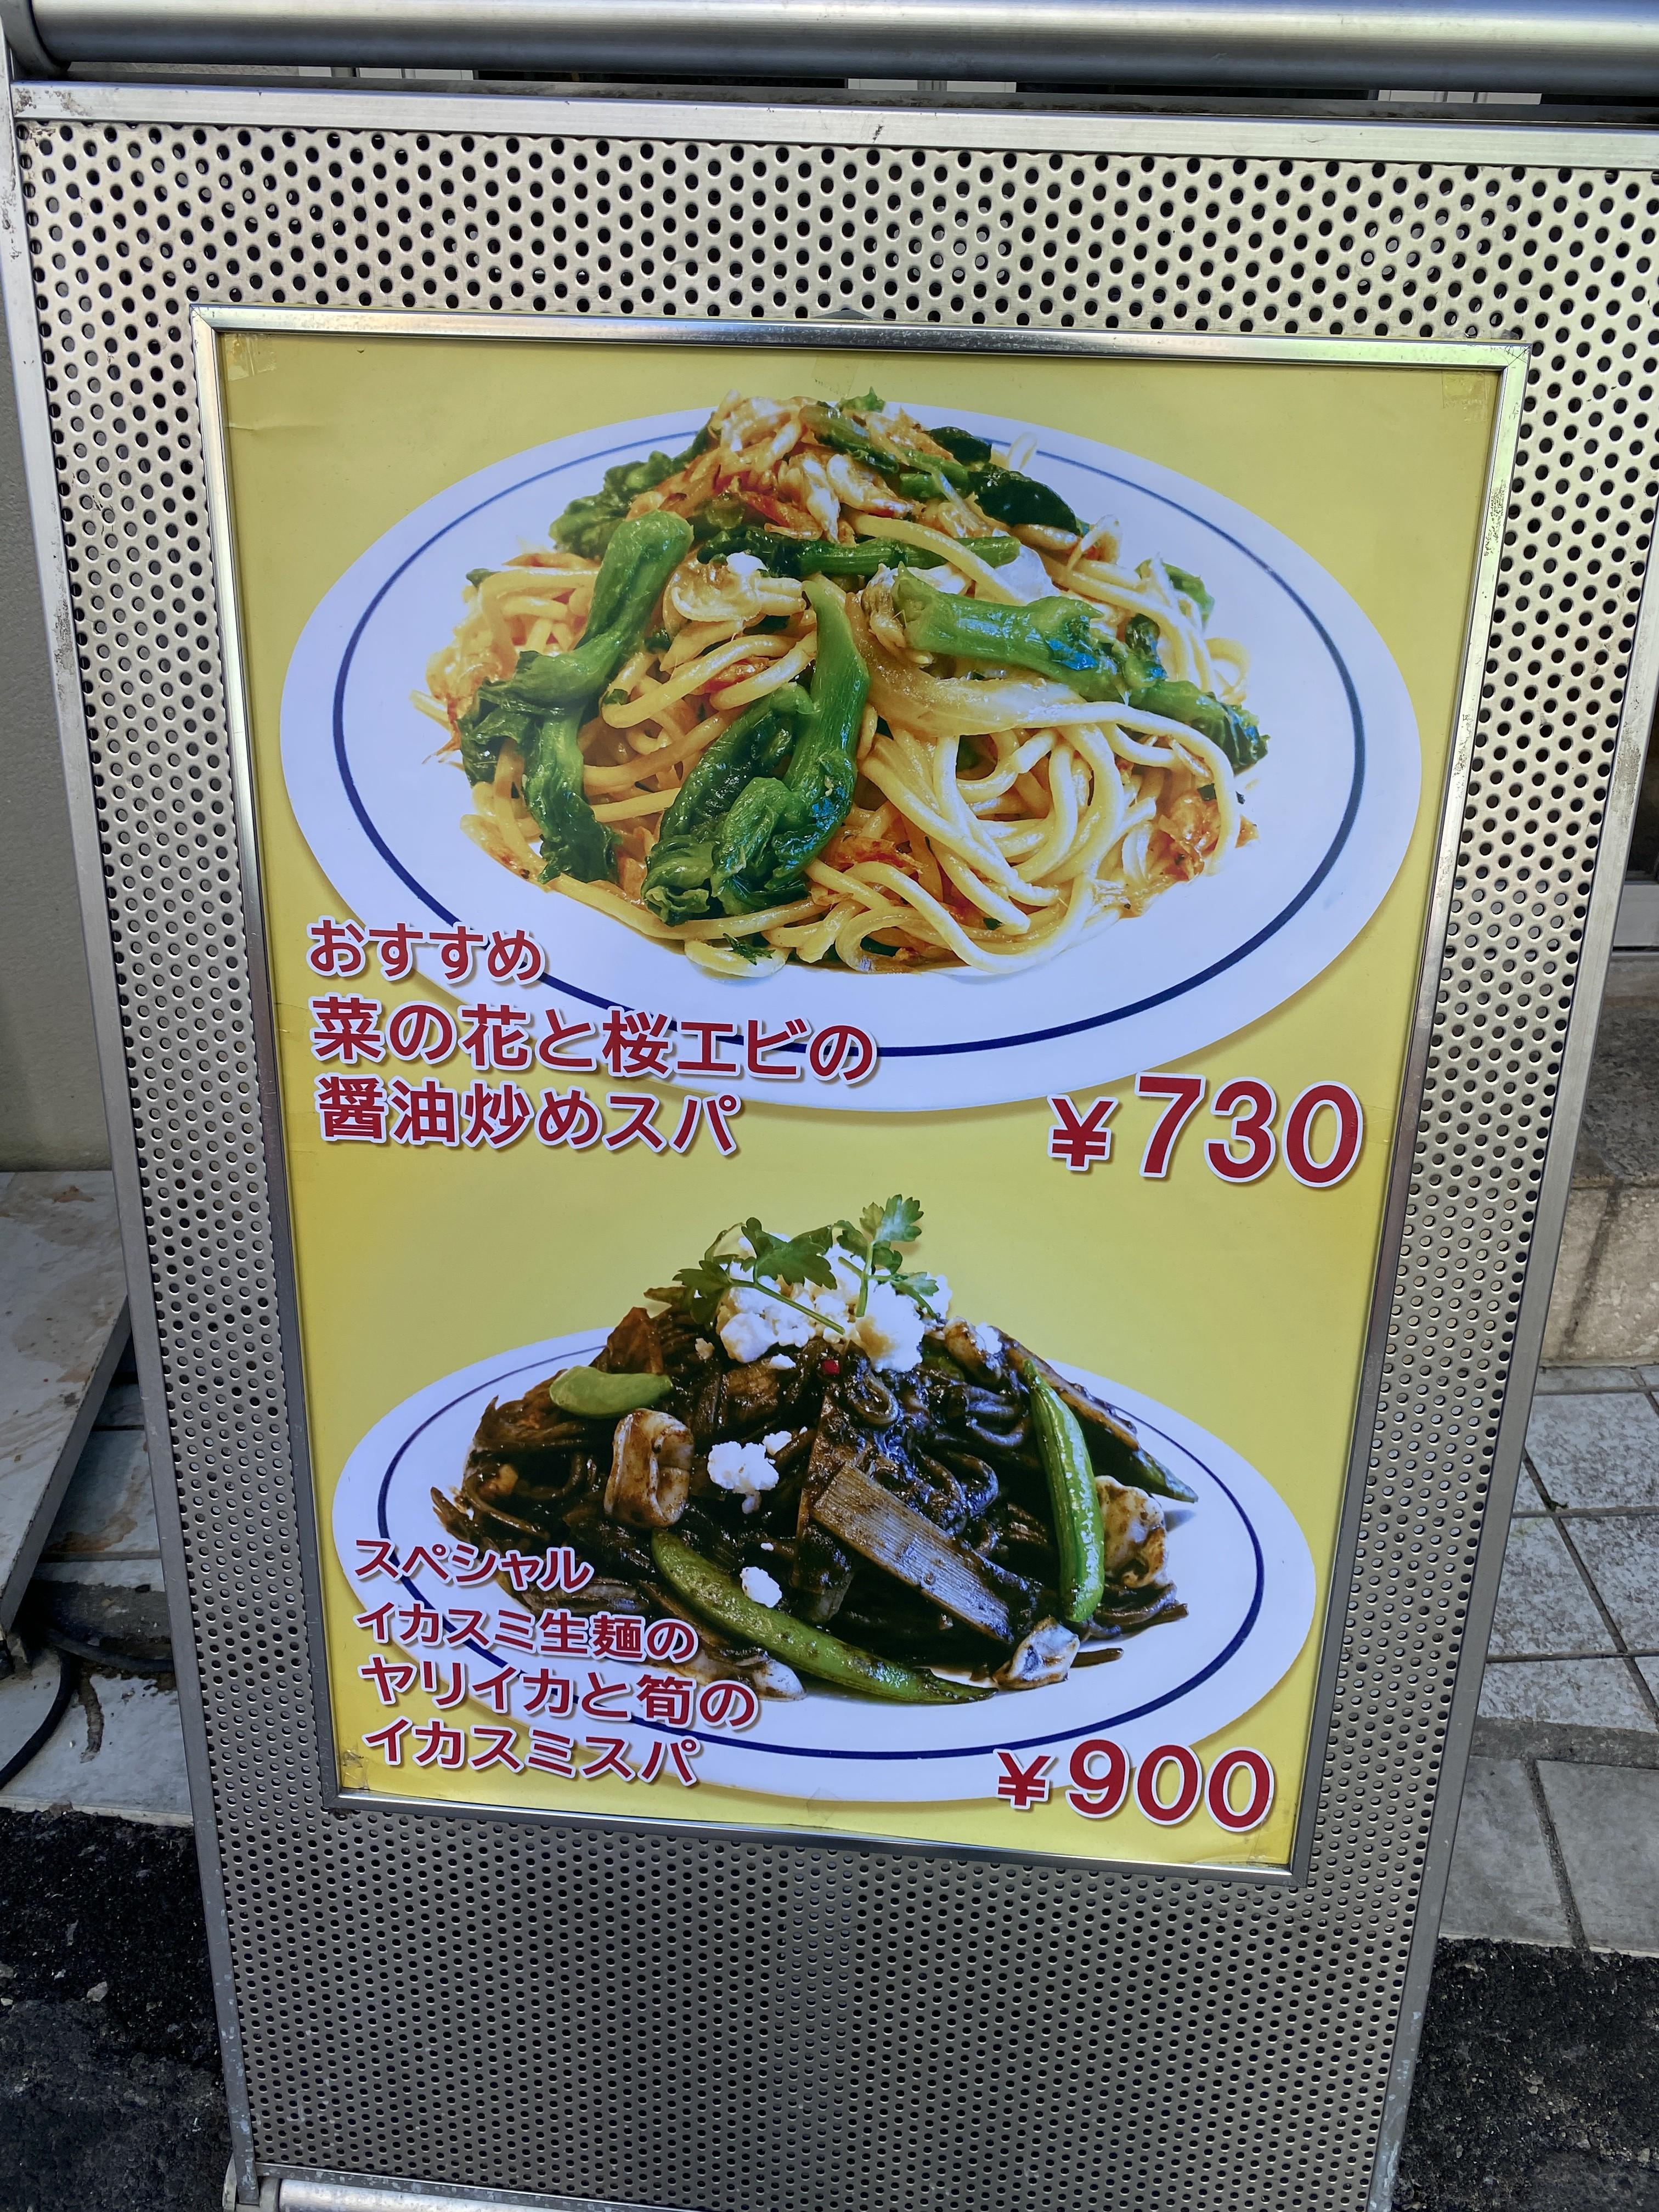 看板を見て入った【行った】中目黒「関谷スパゲッティ」のイカスミ生麺のヤリイカと筍のイカスミスパ